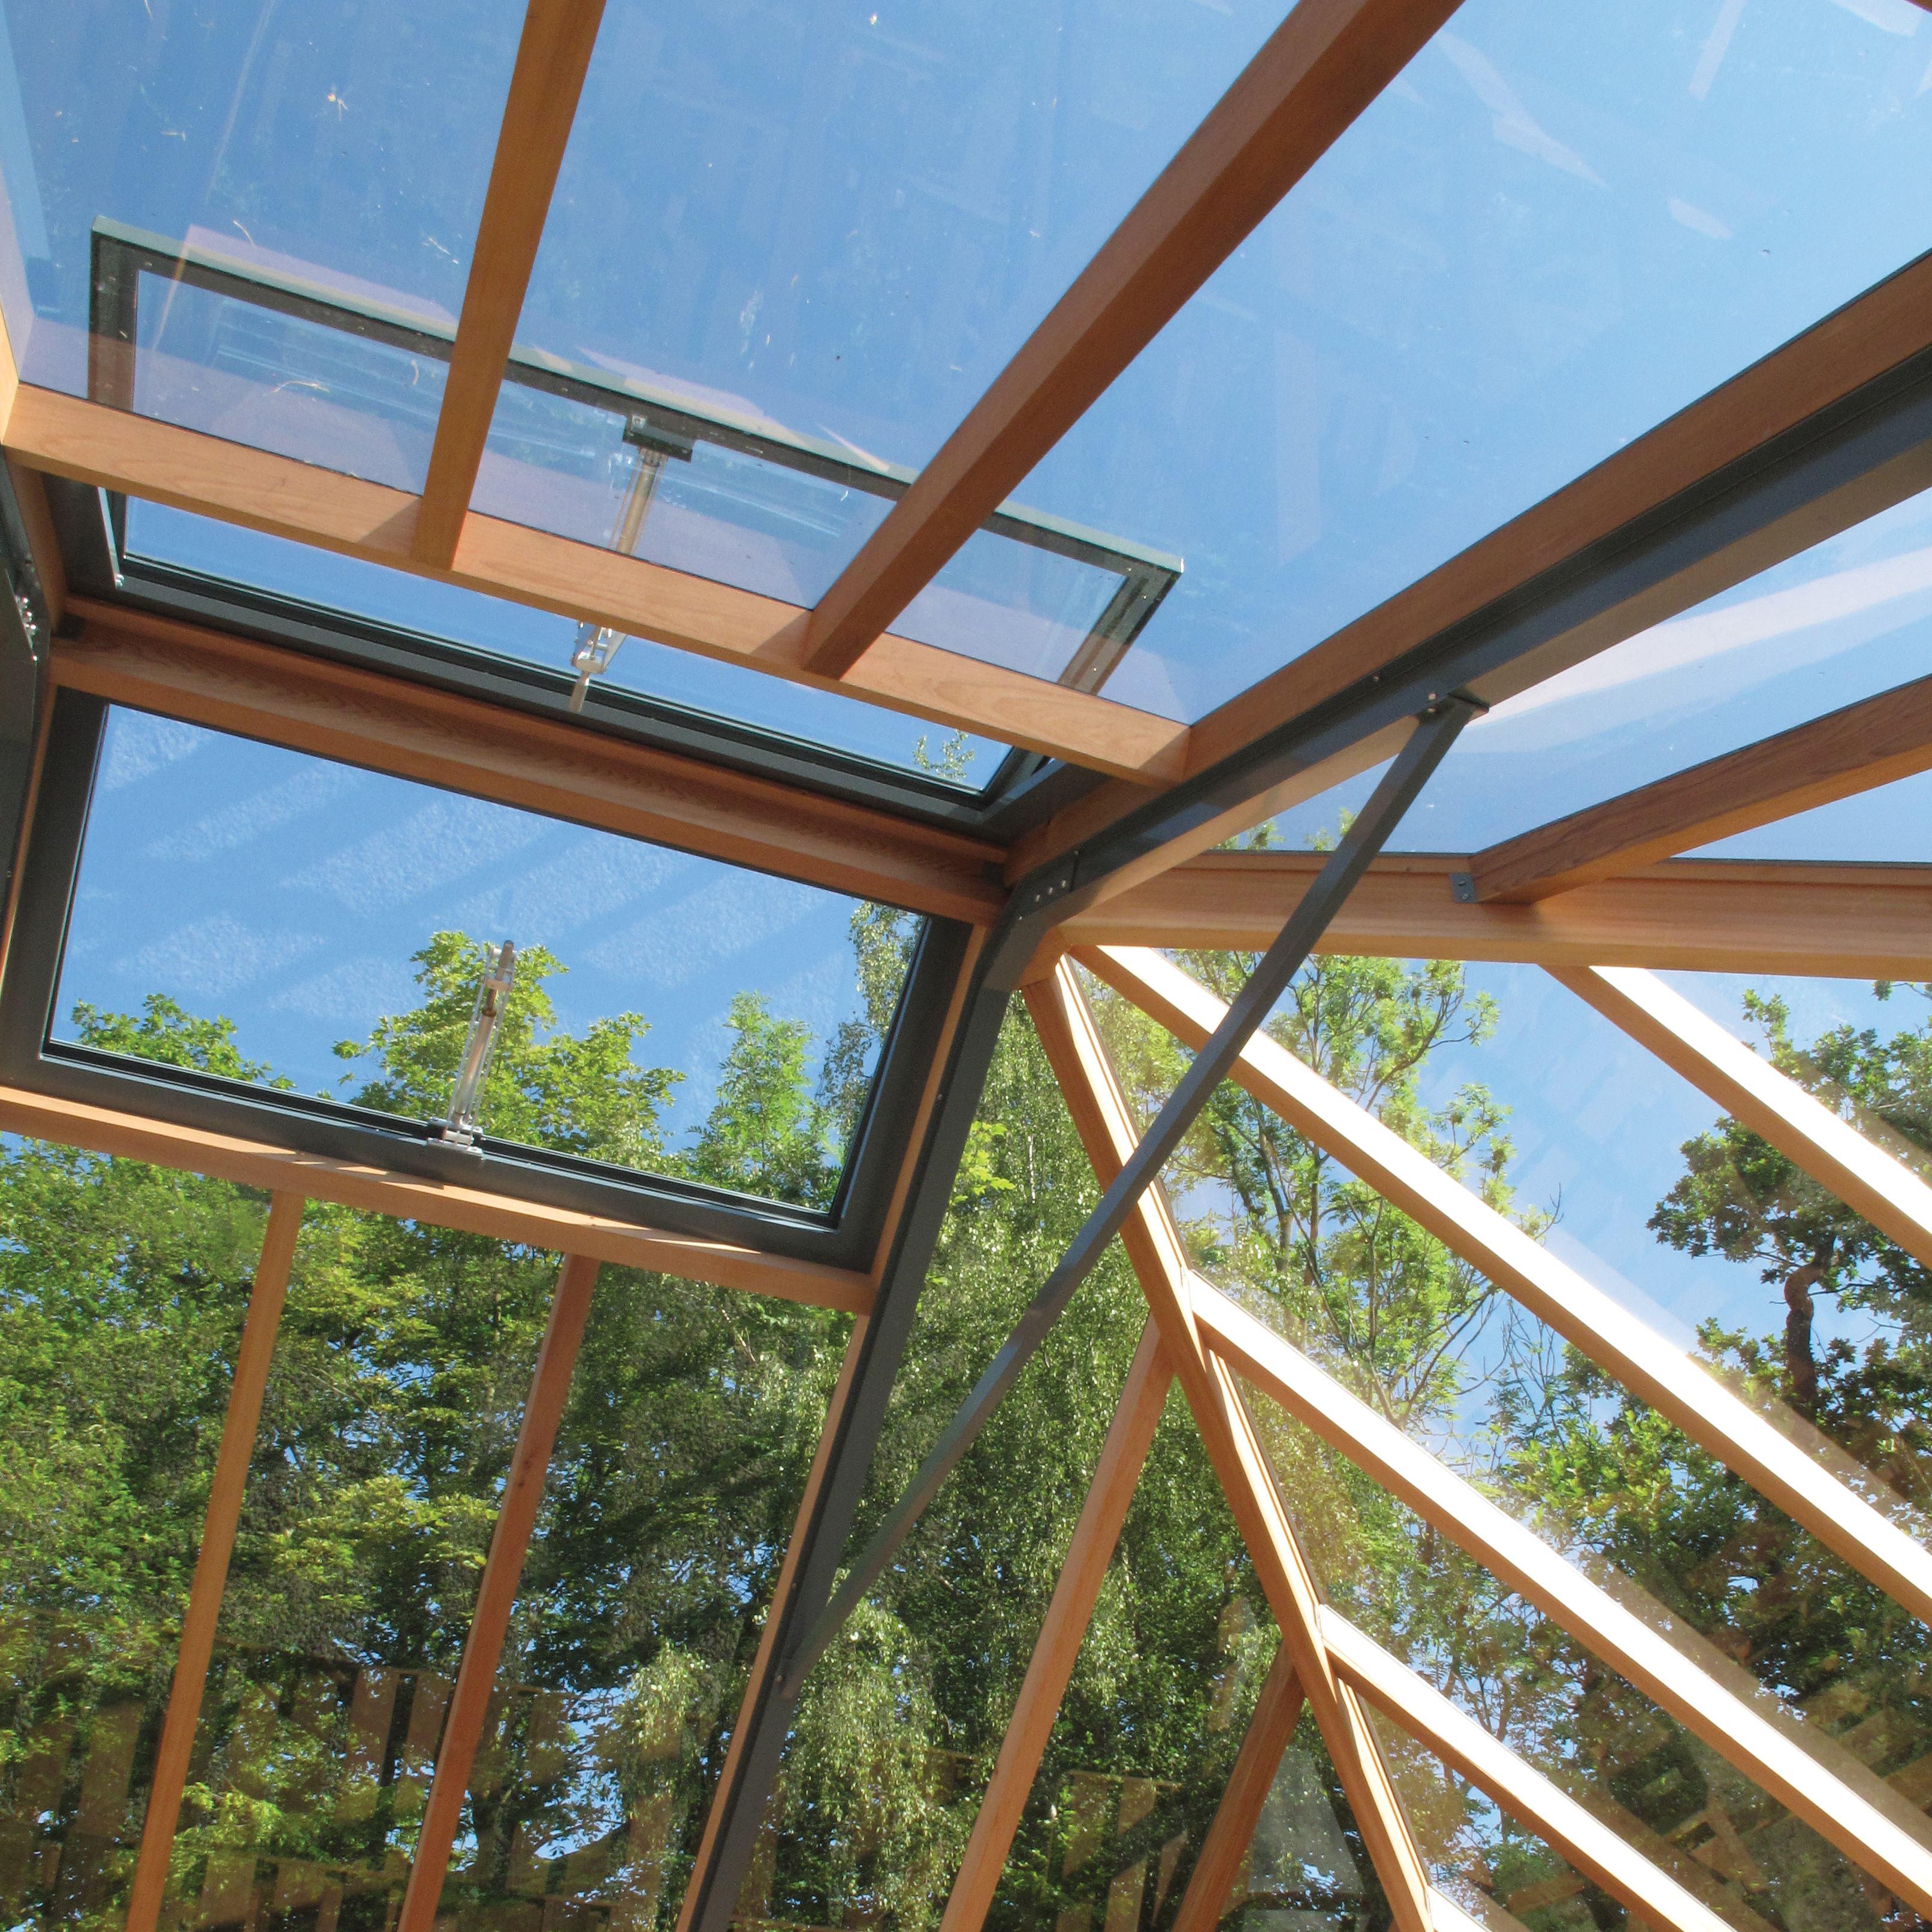 Serre en bois Gabriel Ash - Intégration discrète du meilleur de la technologie, système de ventilation automatique et verres de sécurité